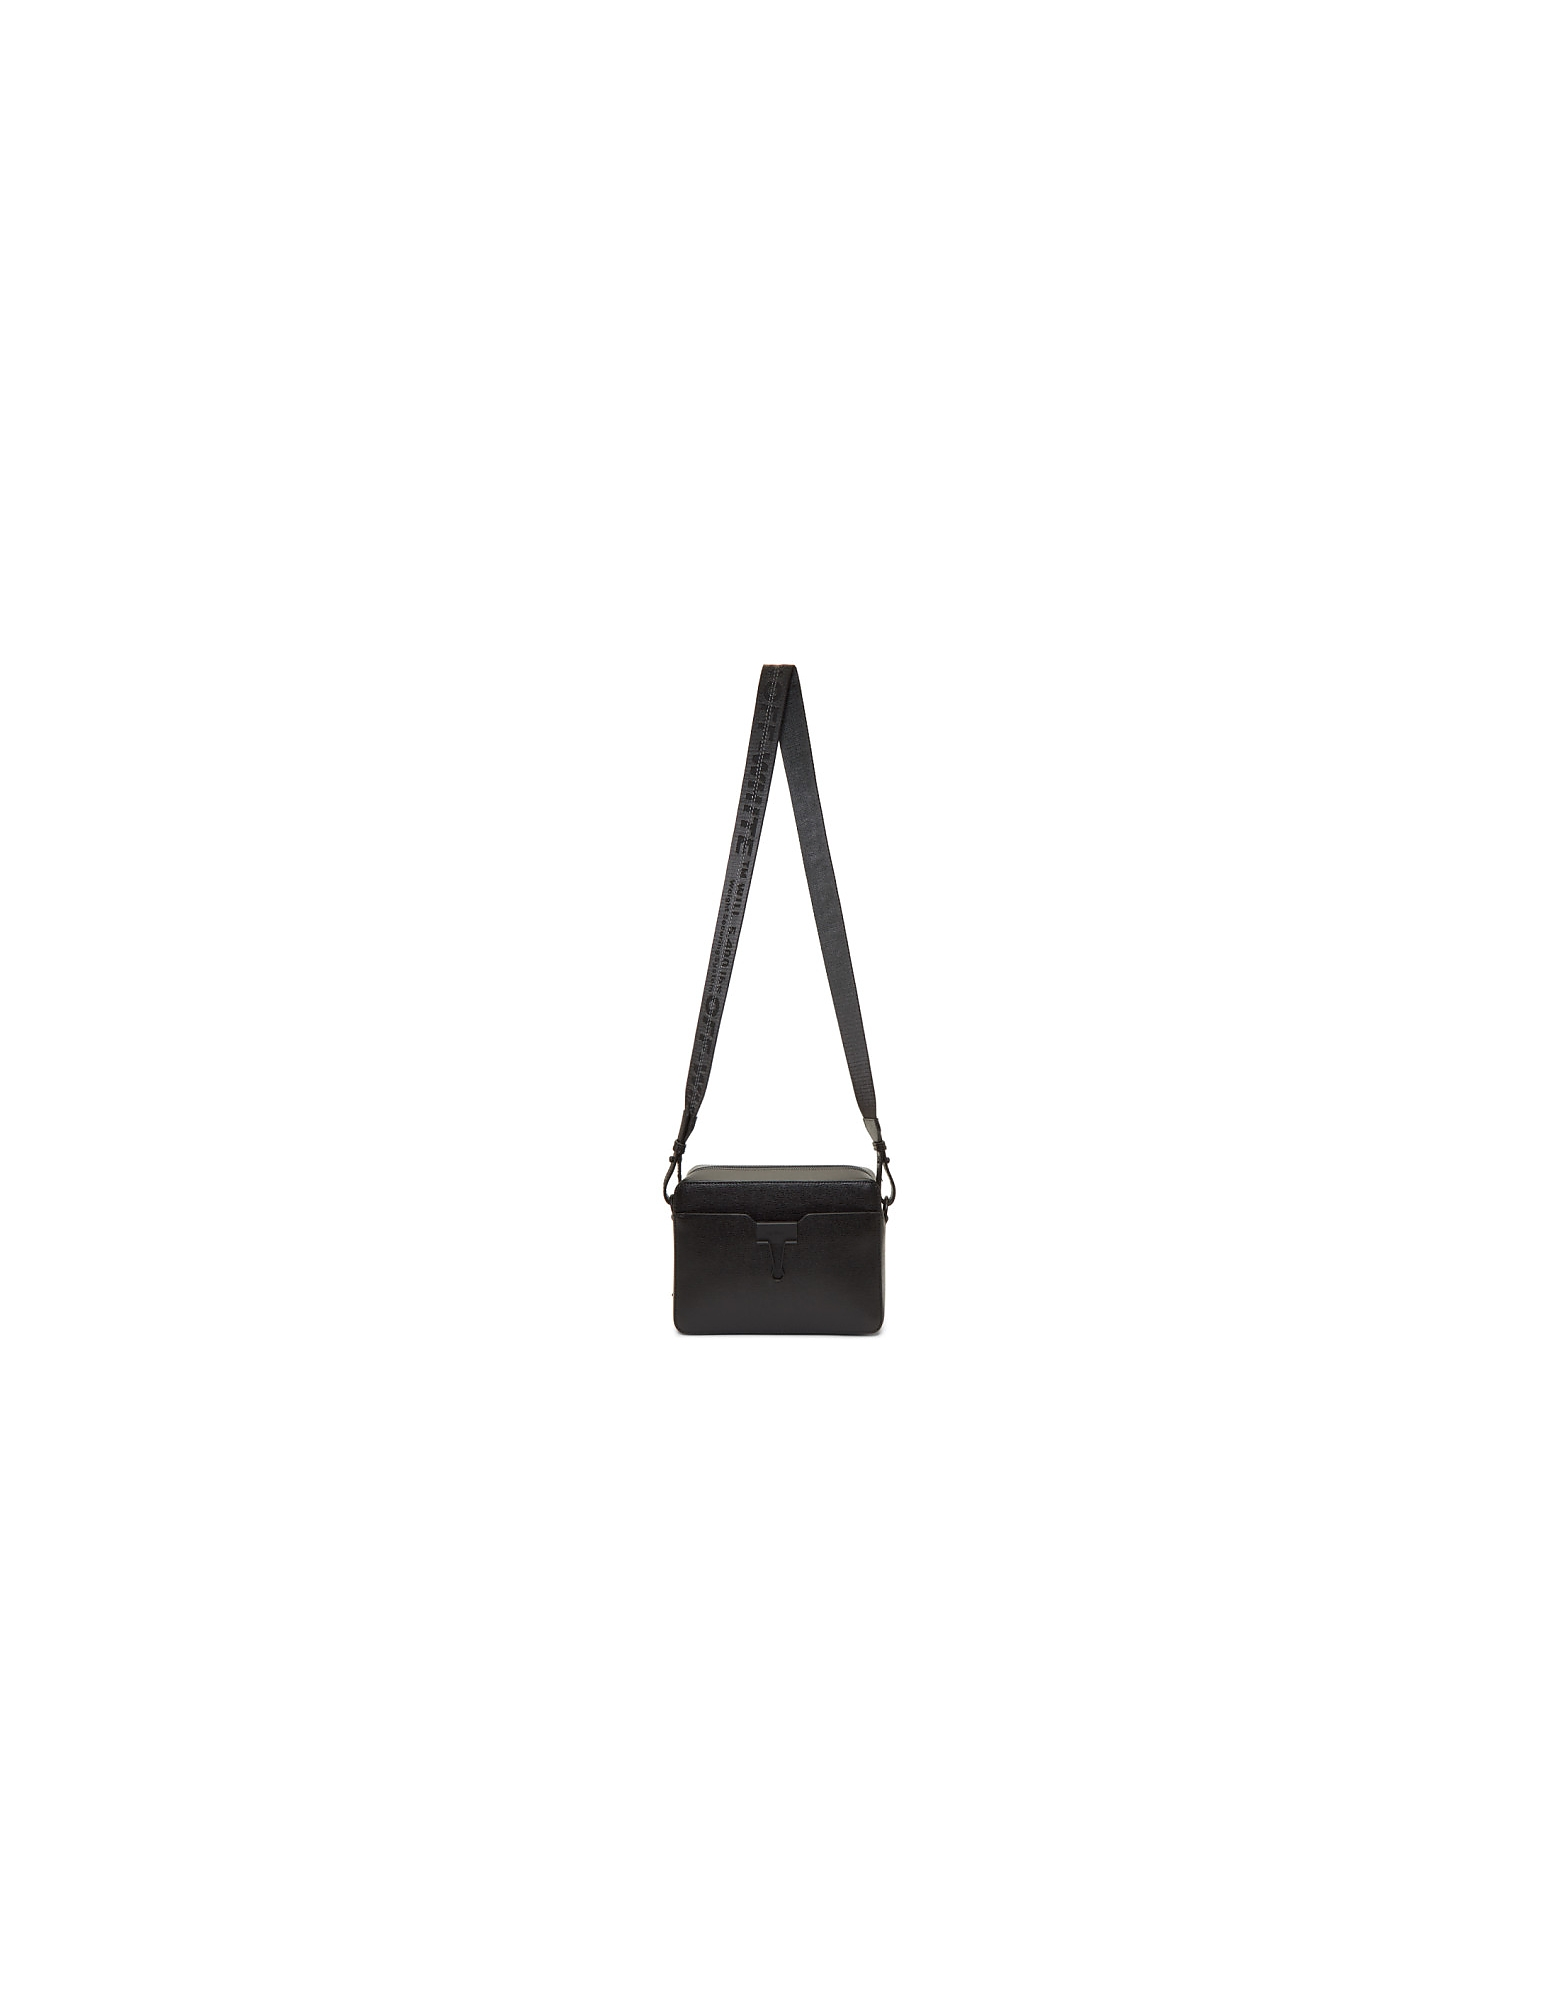 Off-White Designer Handbags, Black Camera Bag